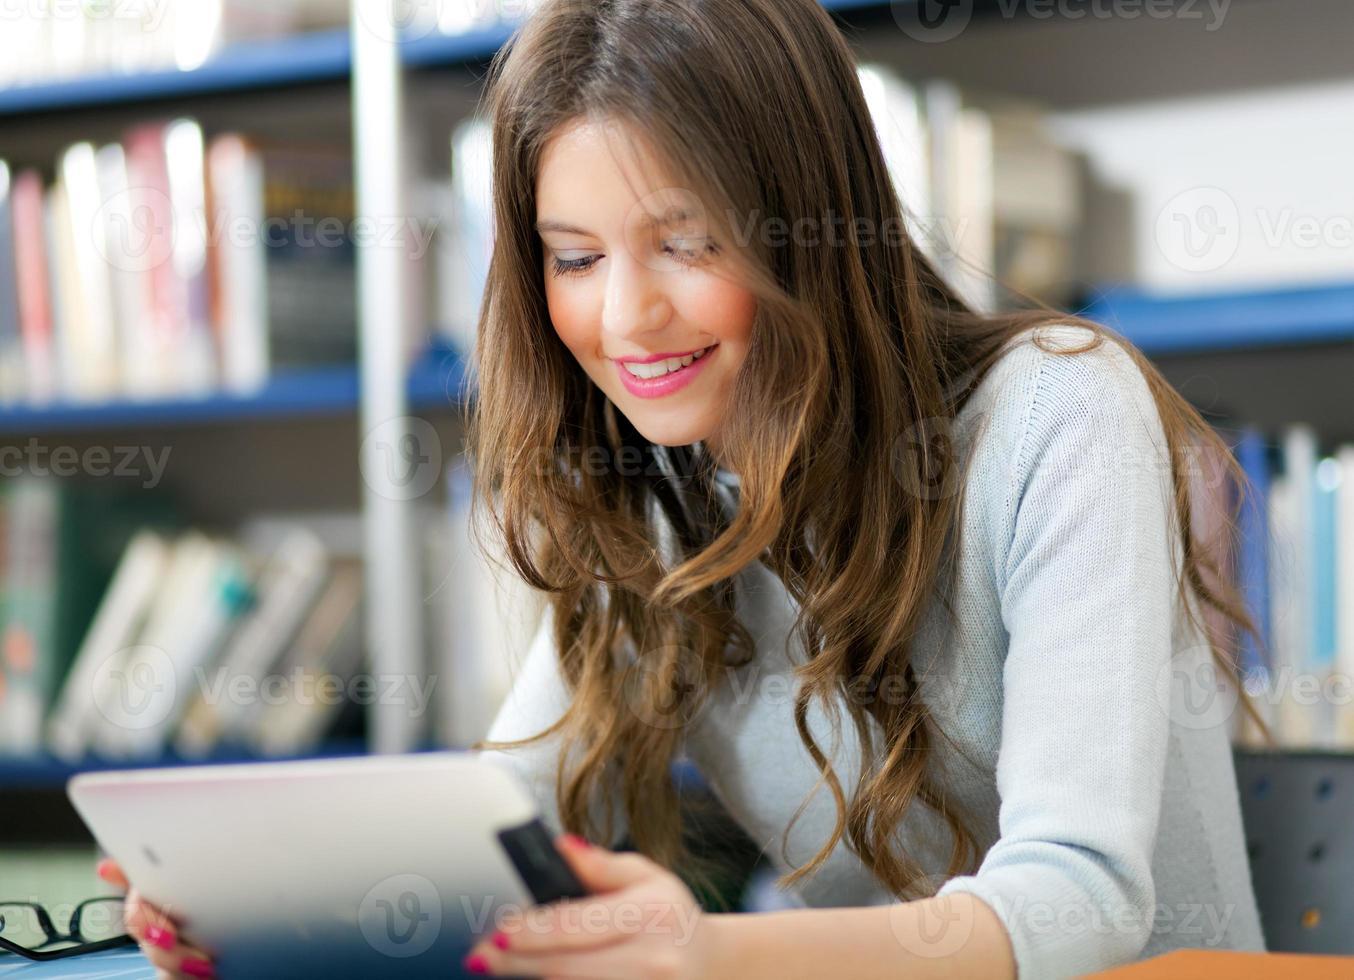 studentessa che utilizza un tablet foto